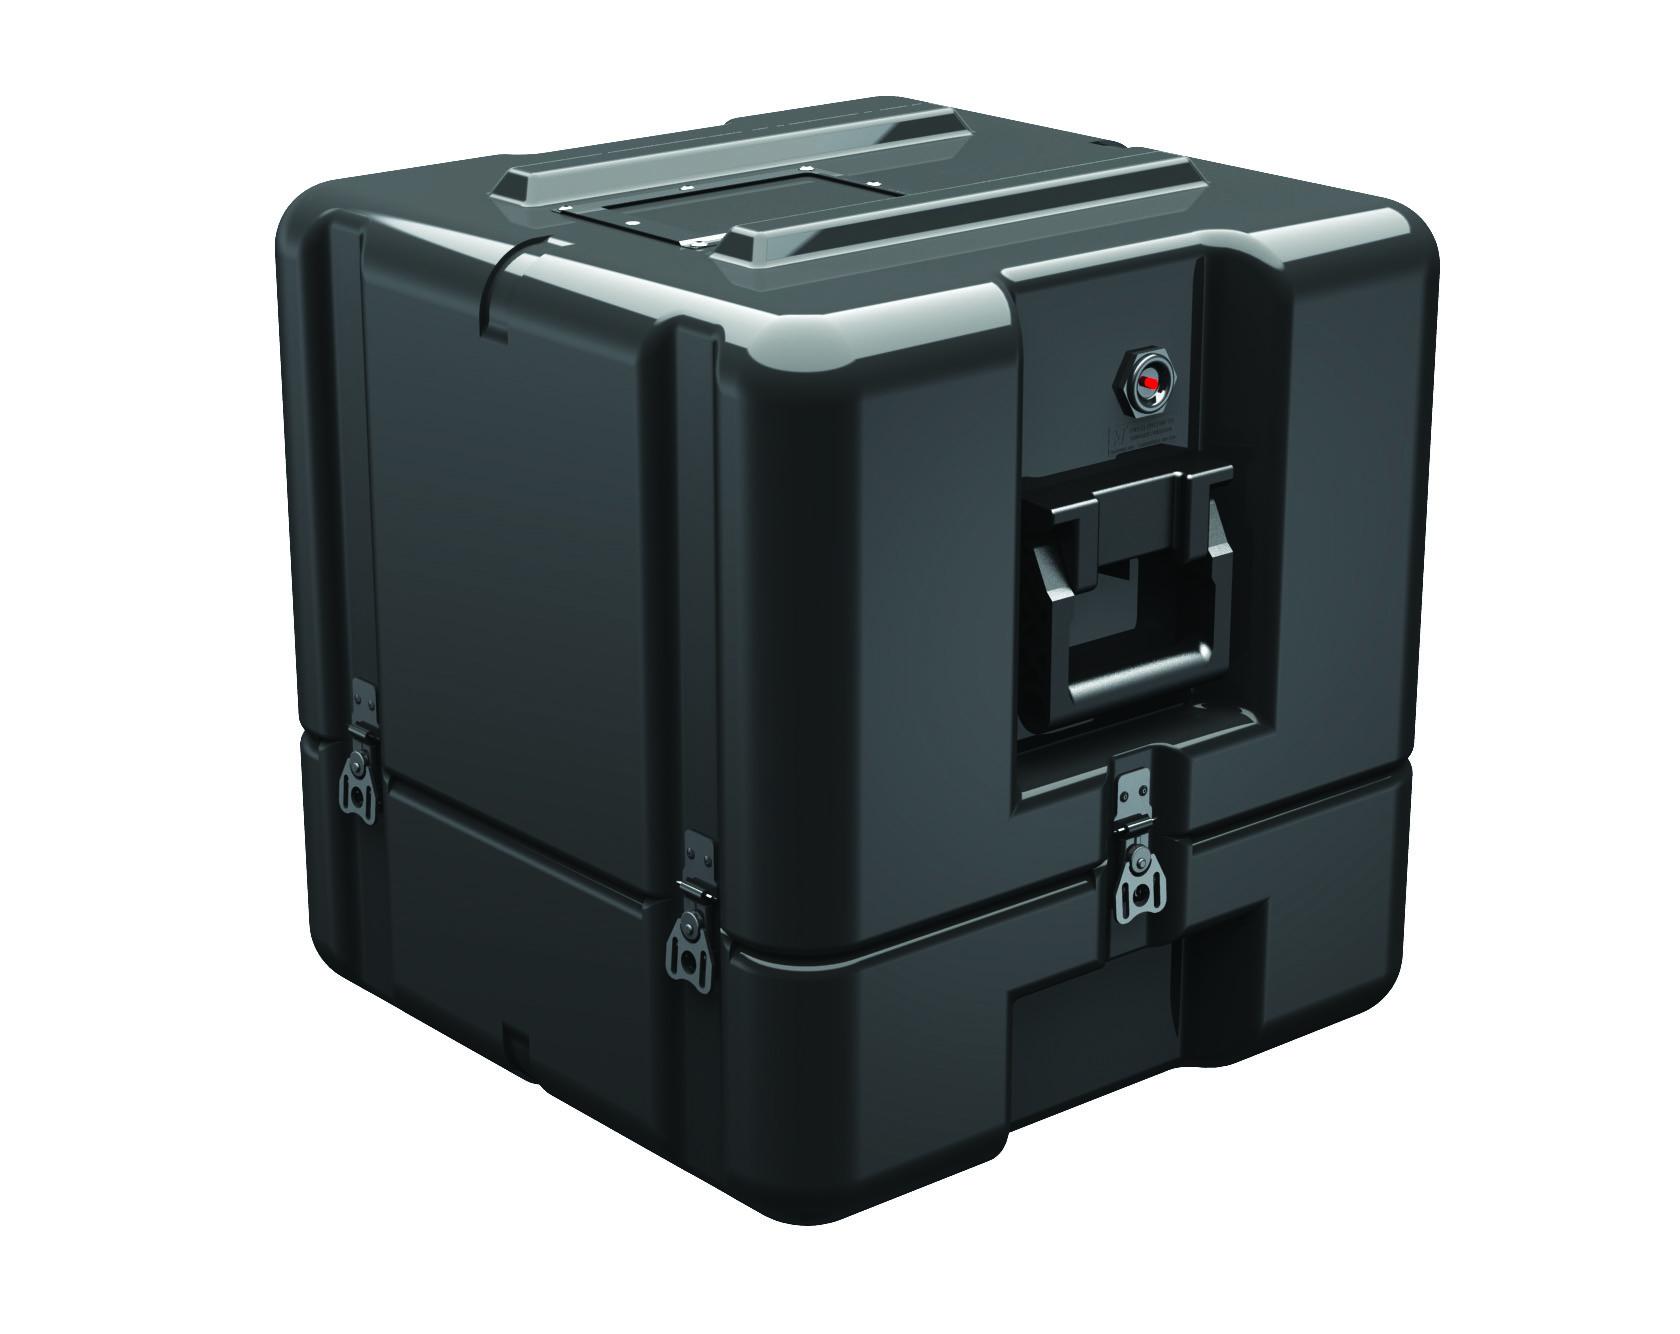 AL1616-0512 - AL1616-0512 Pelican Transport Case